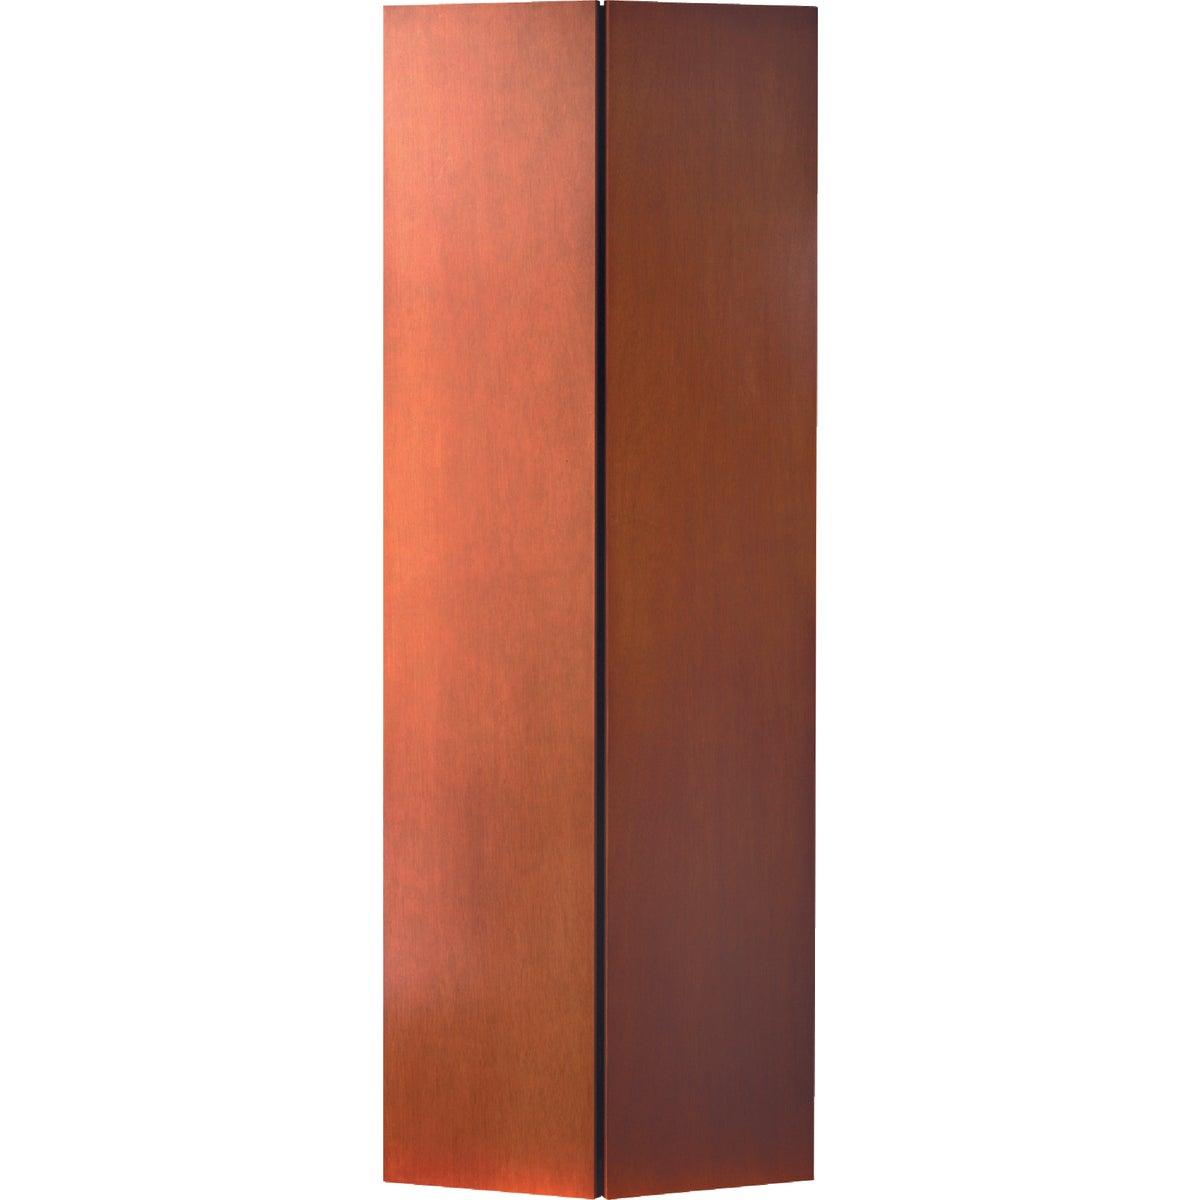 2/6 1-3/8 LUAN BFLD DOOR -  by Masonite